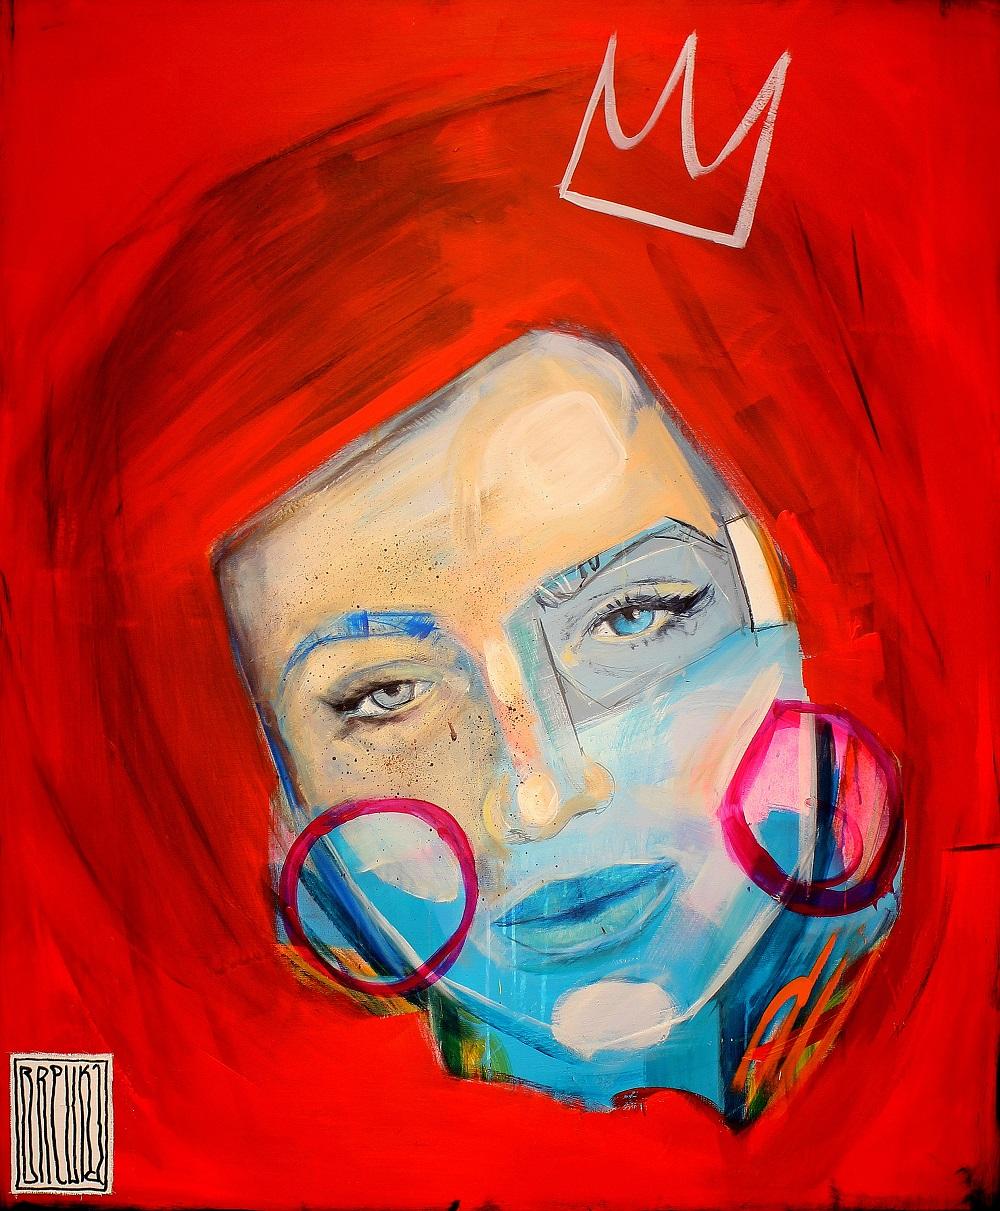 brewka-obrazy-queen-my-cykl